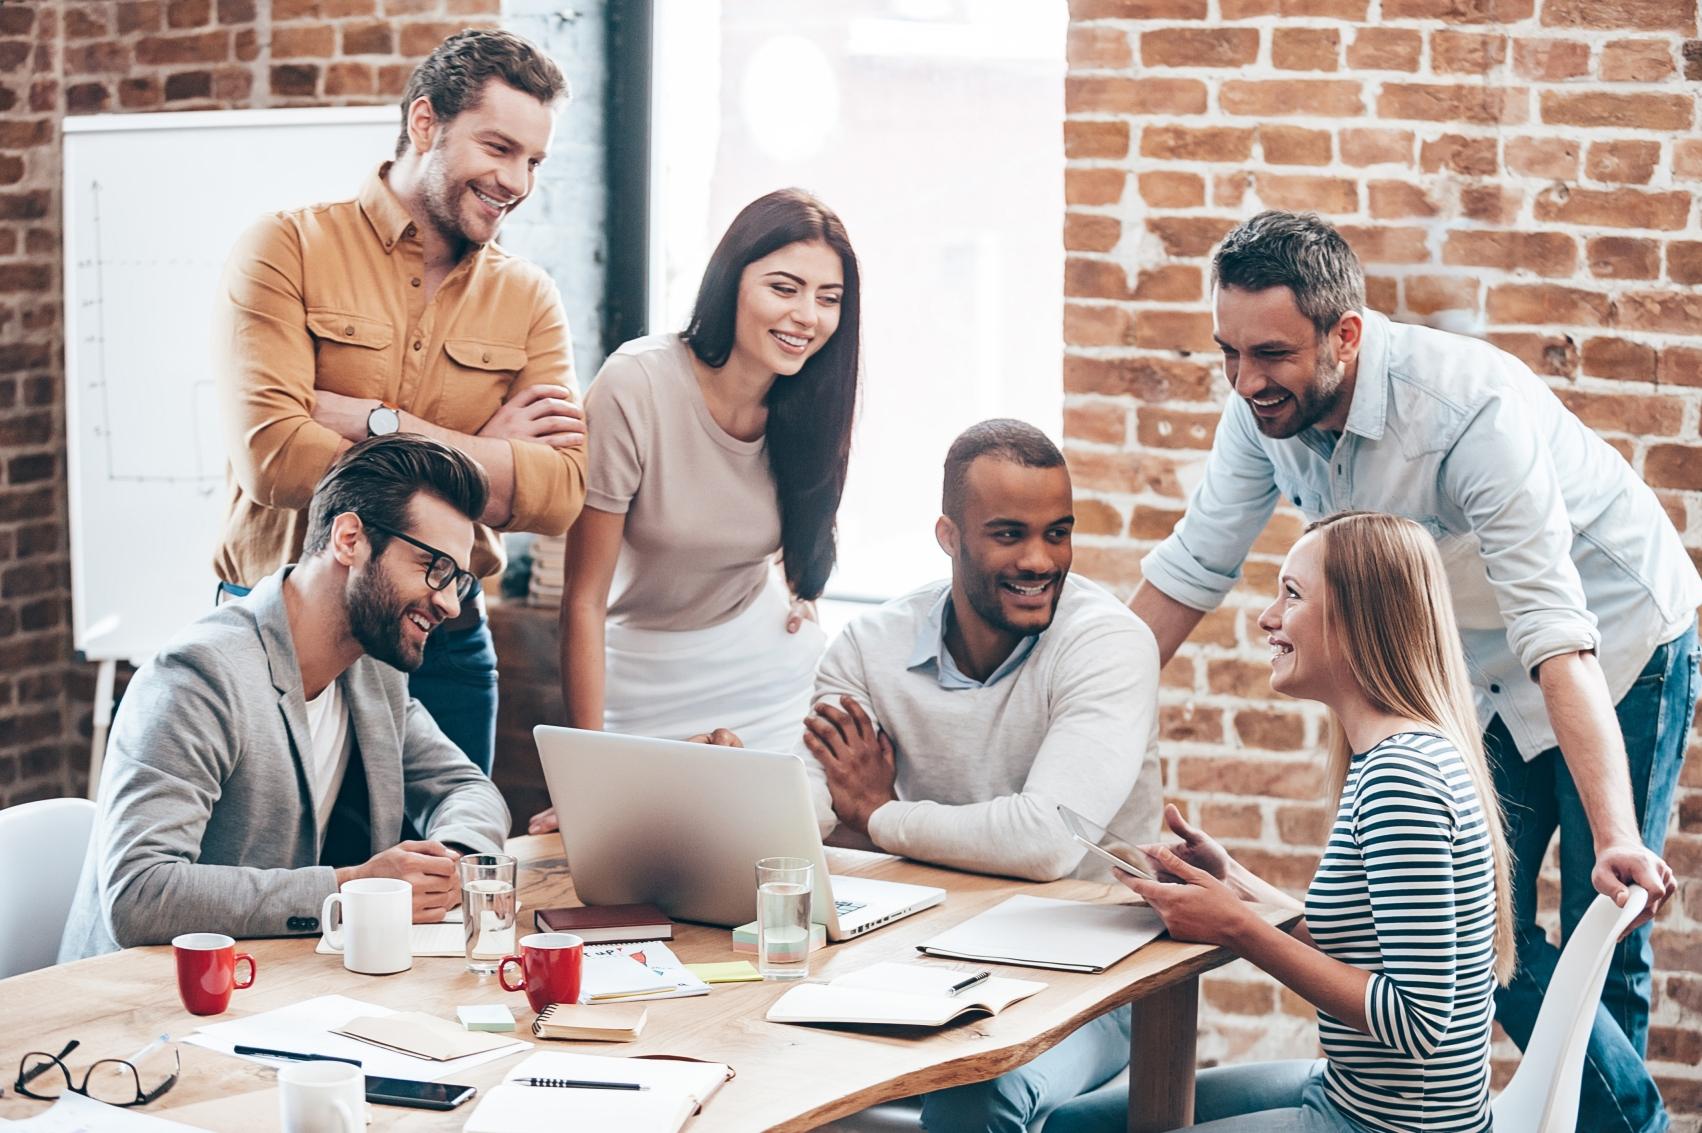 La conciencia empresarial en búsqueda de la felicidad laboral